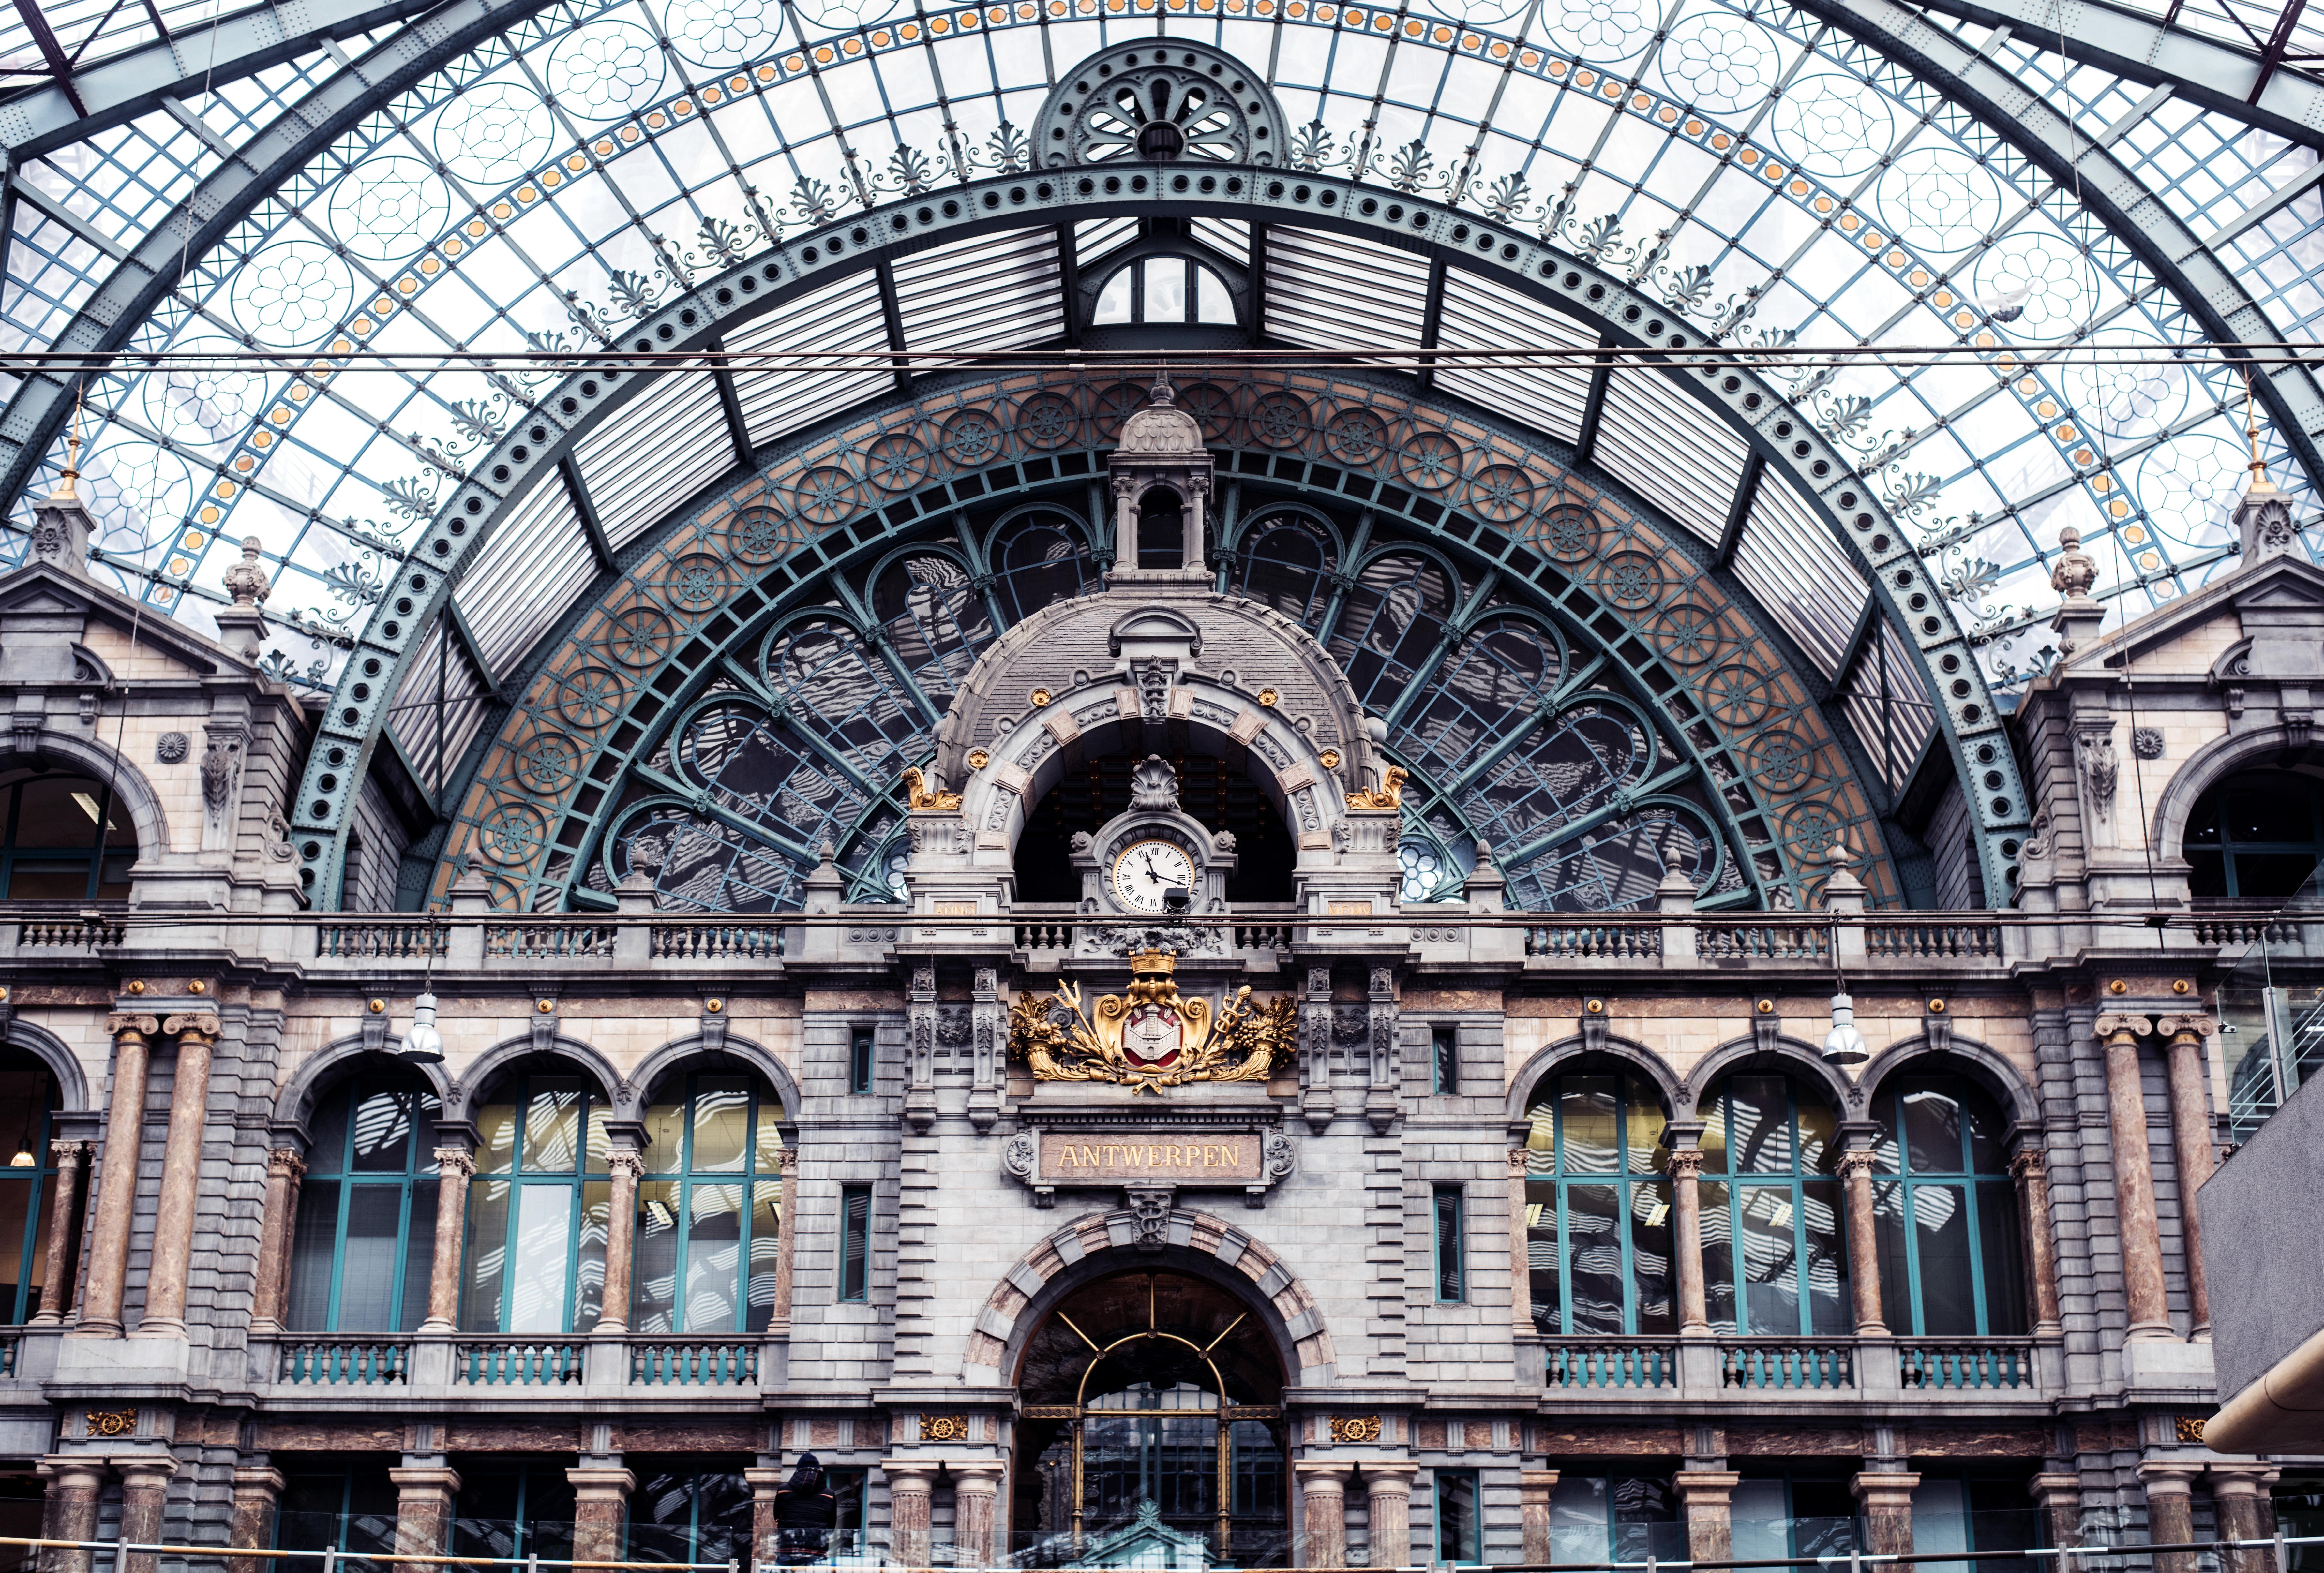 Train Station Antwerp